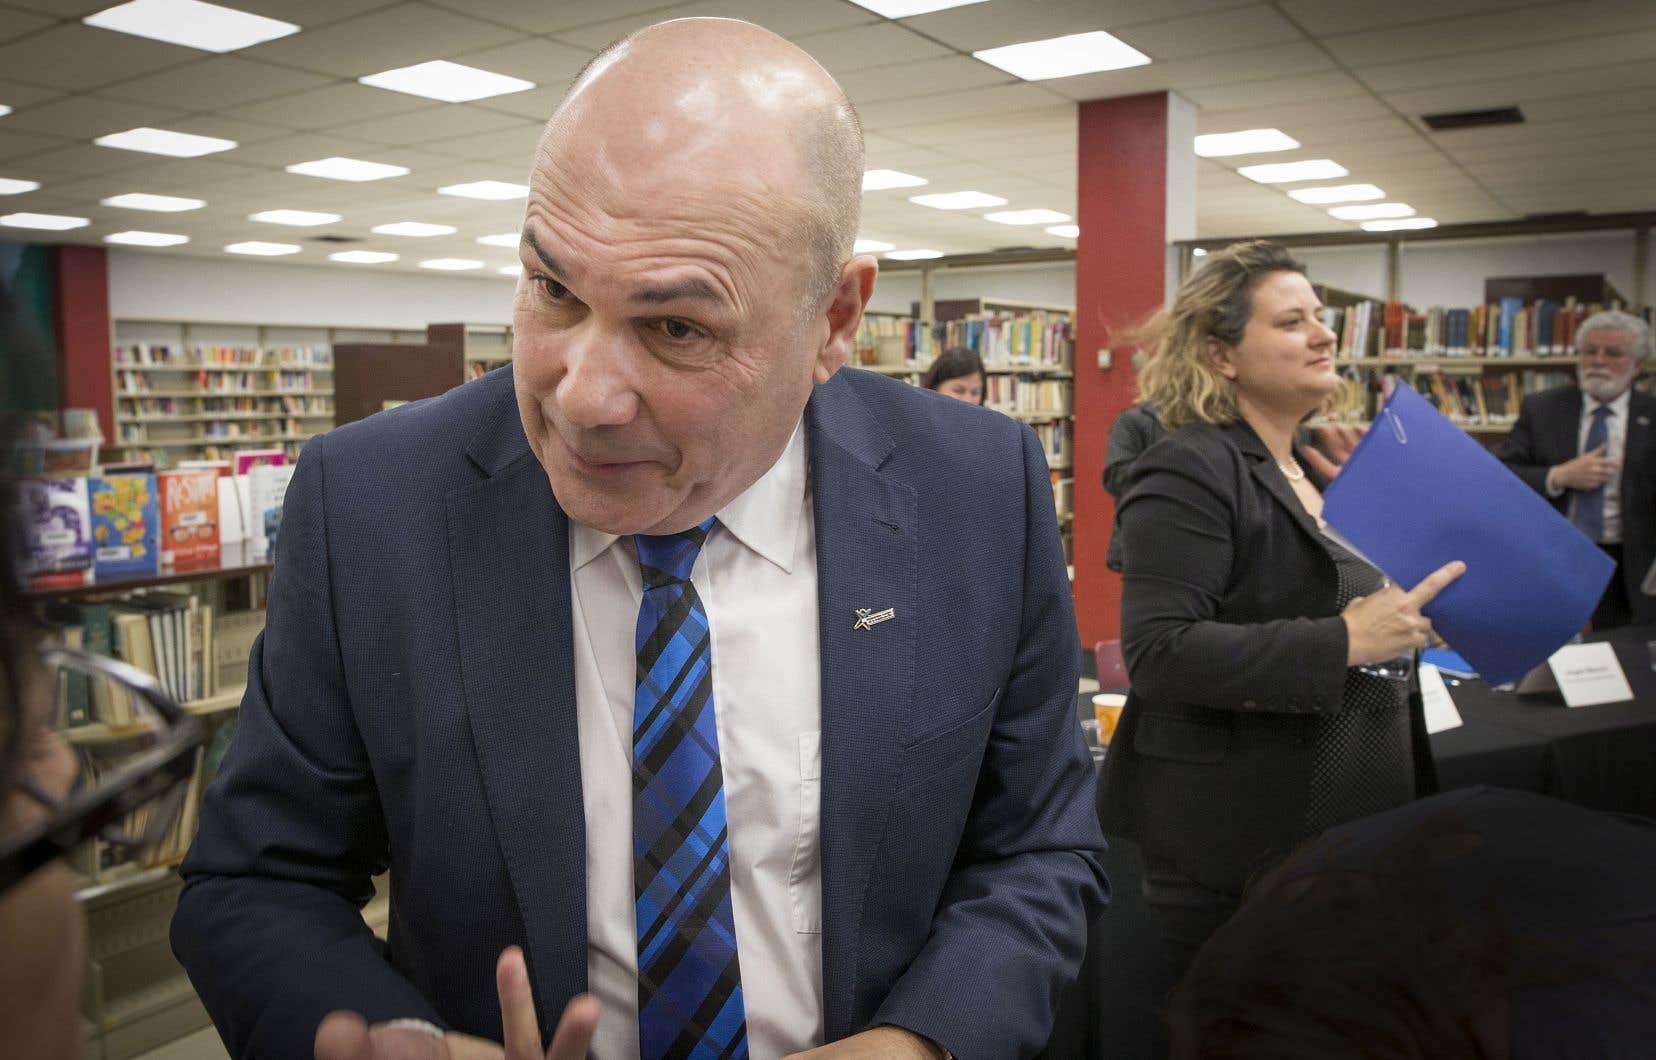 Miville Boudreault, président de la Commission scolaire de la Pointe-de-l'Île, réclame une intervention rapide de Québec dans le dossier de la surfacturation.